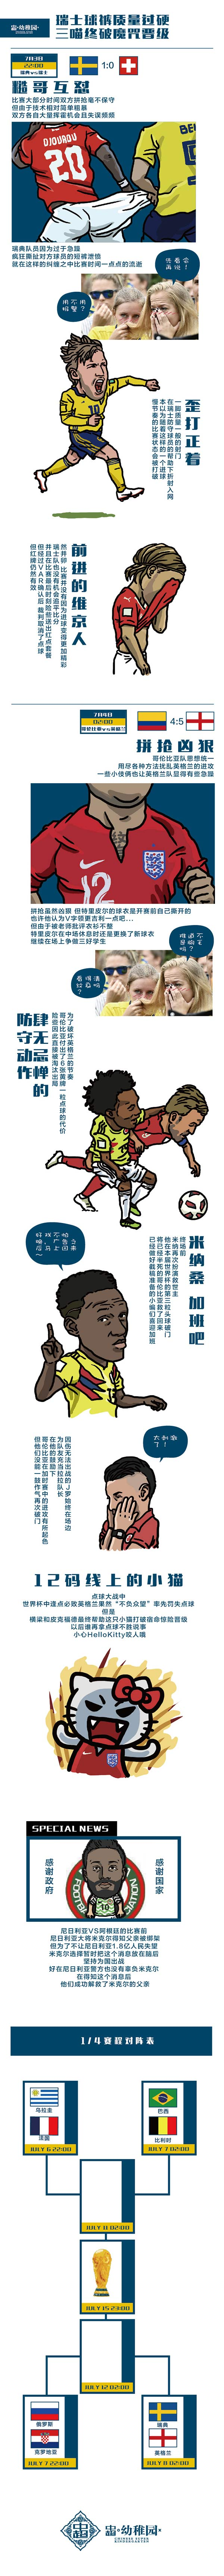 """(""""中超幼稚园""""专供人民体育,严禁转载。)"""